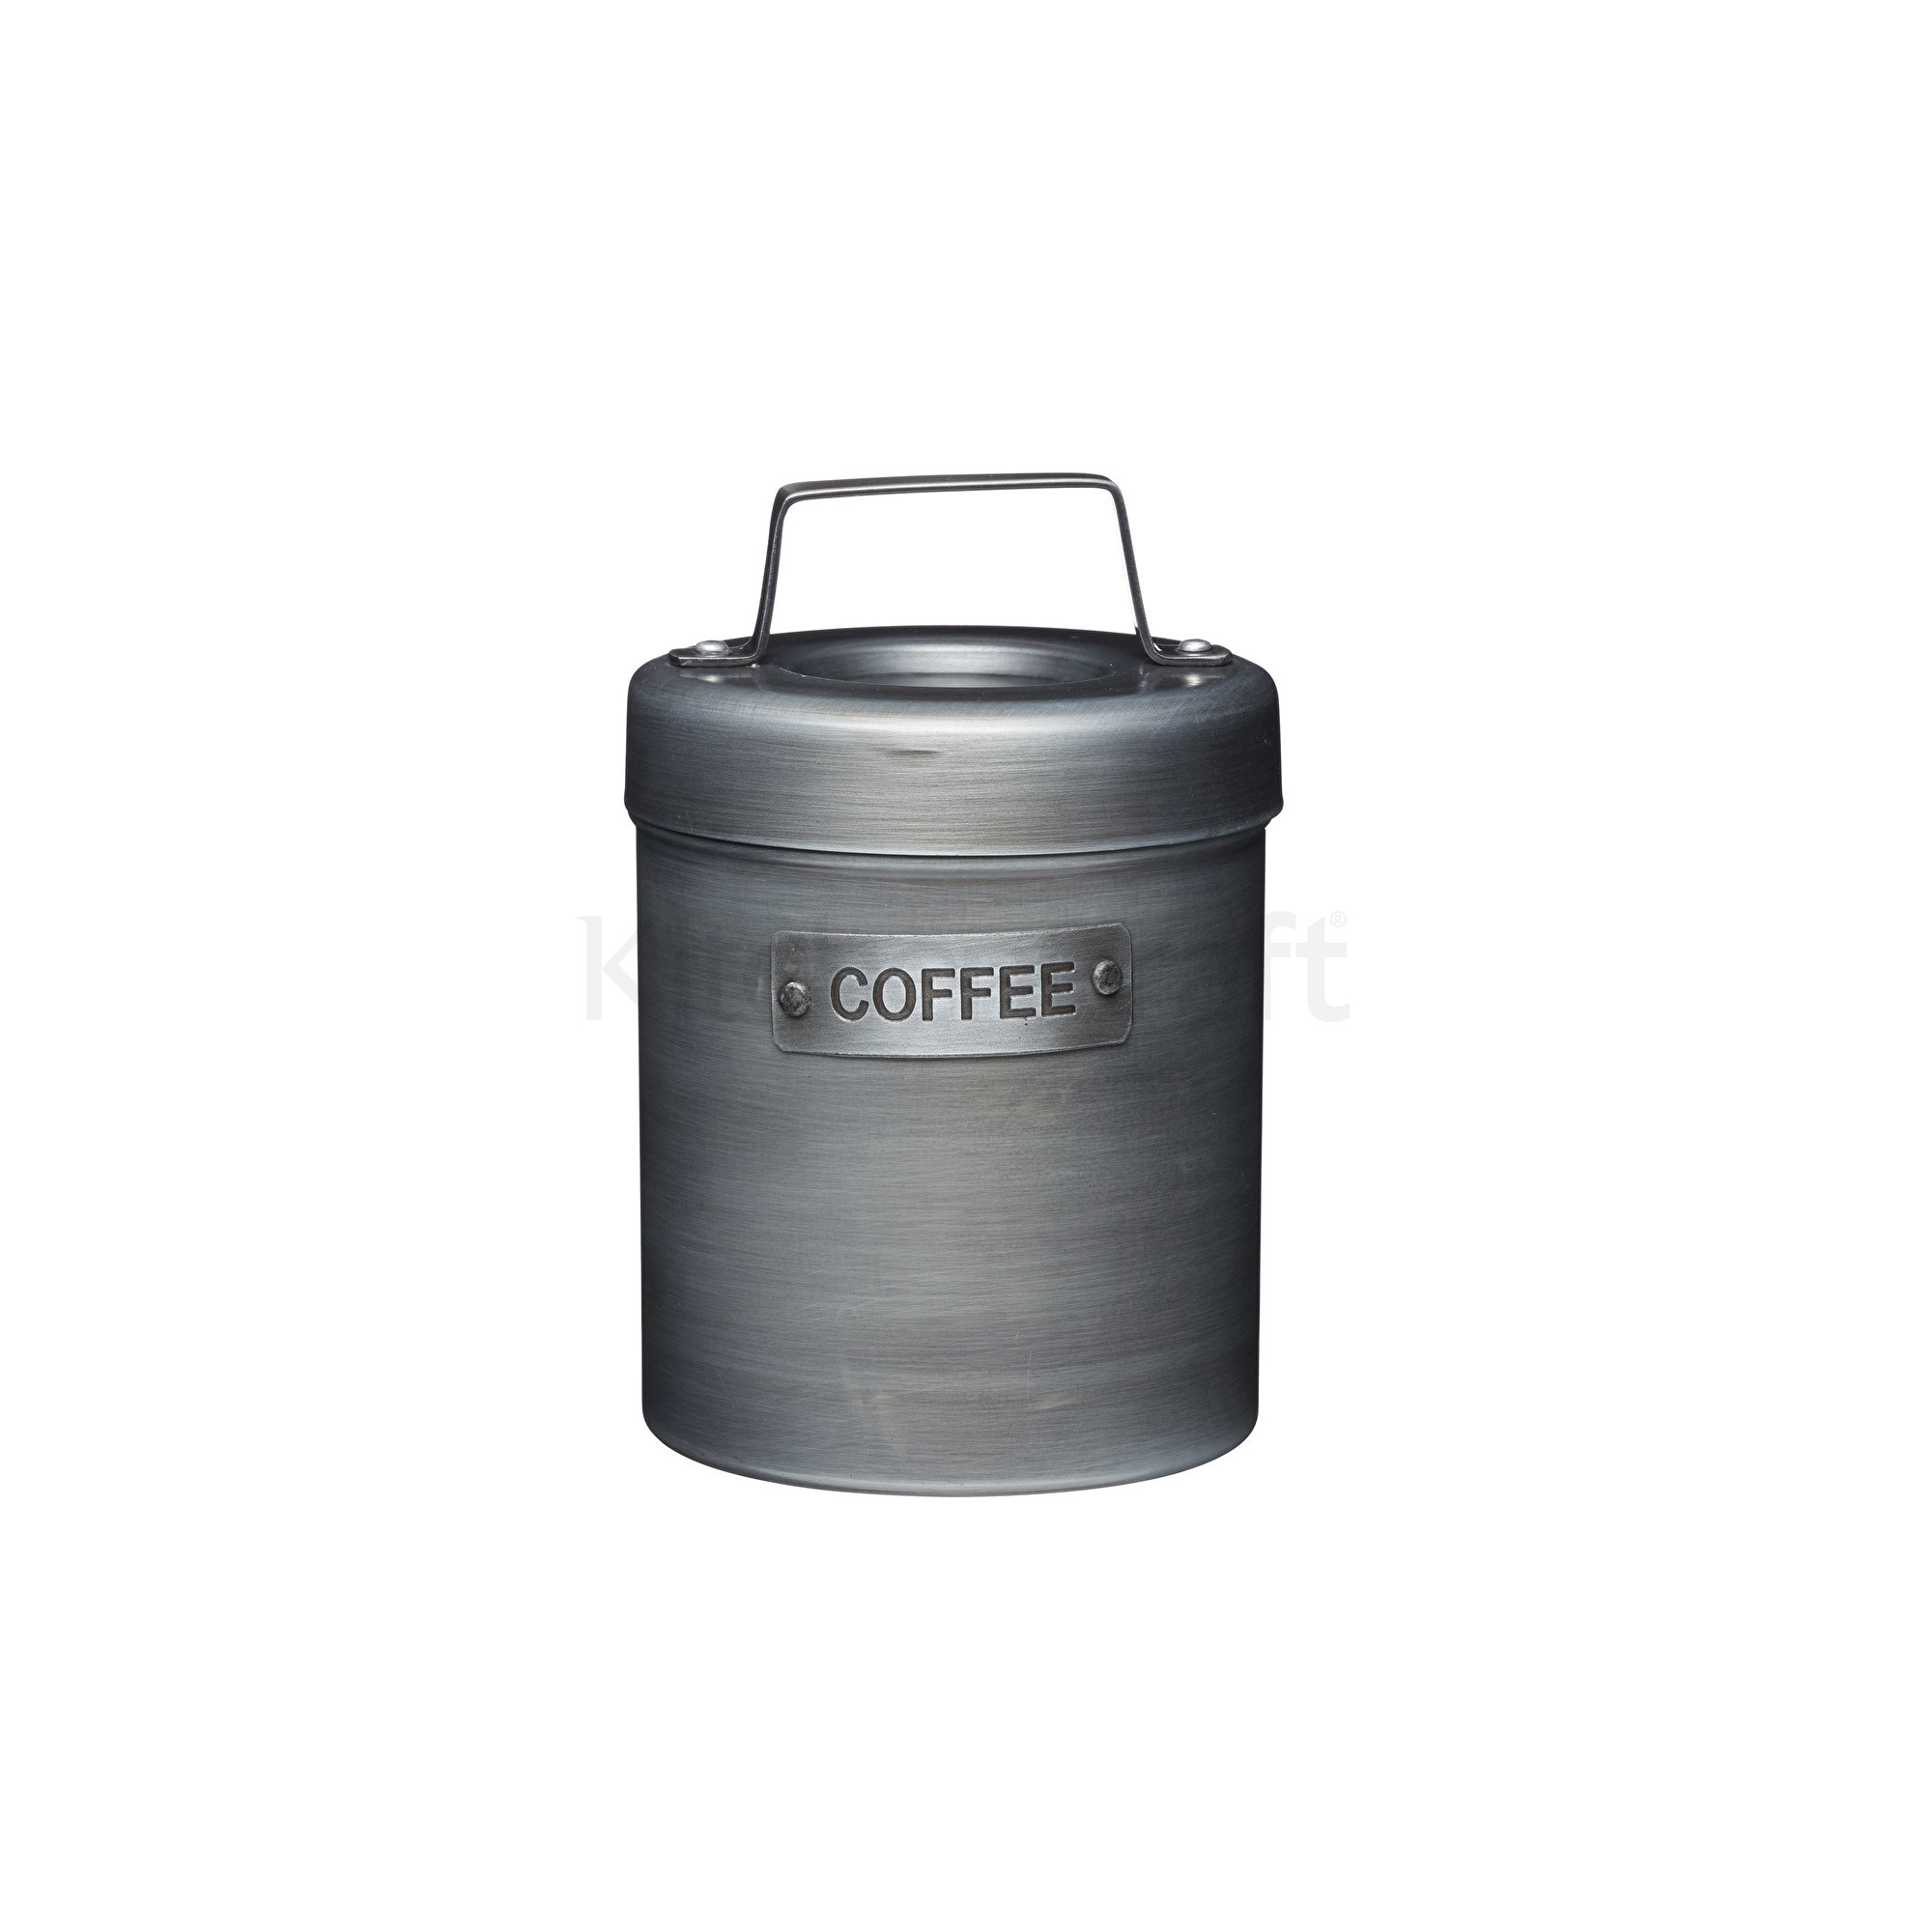 Δοχείο Μεταλλικό Coffee Indistrial Kitchencraft home   ειδη cafe τσαϊ   δοχεία καφε   ζάχαρης